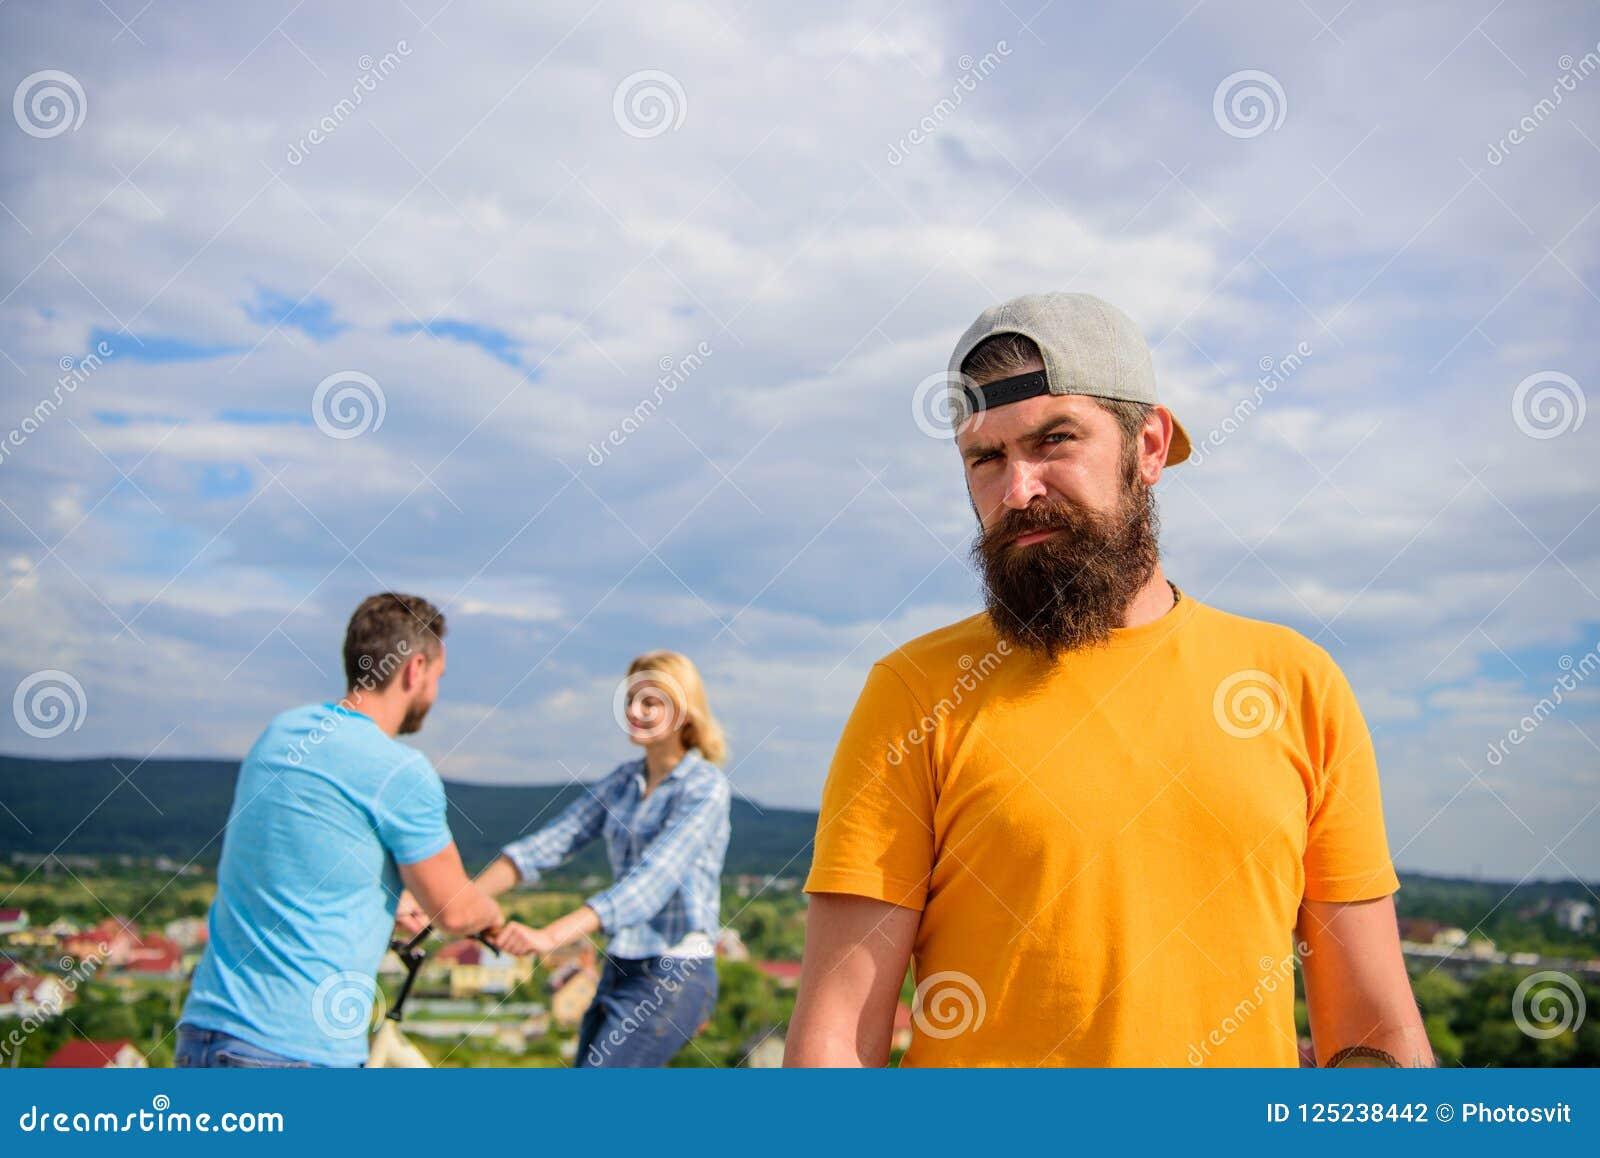 没有浪漫在他的生活中 孤独人的成人,当朋友愉快的家庭生活时 在夫妇前面的行家哀伤的面孔